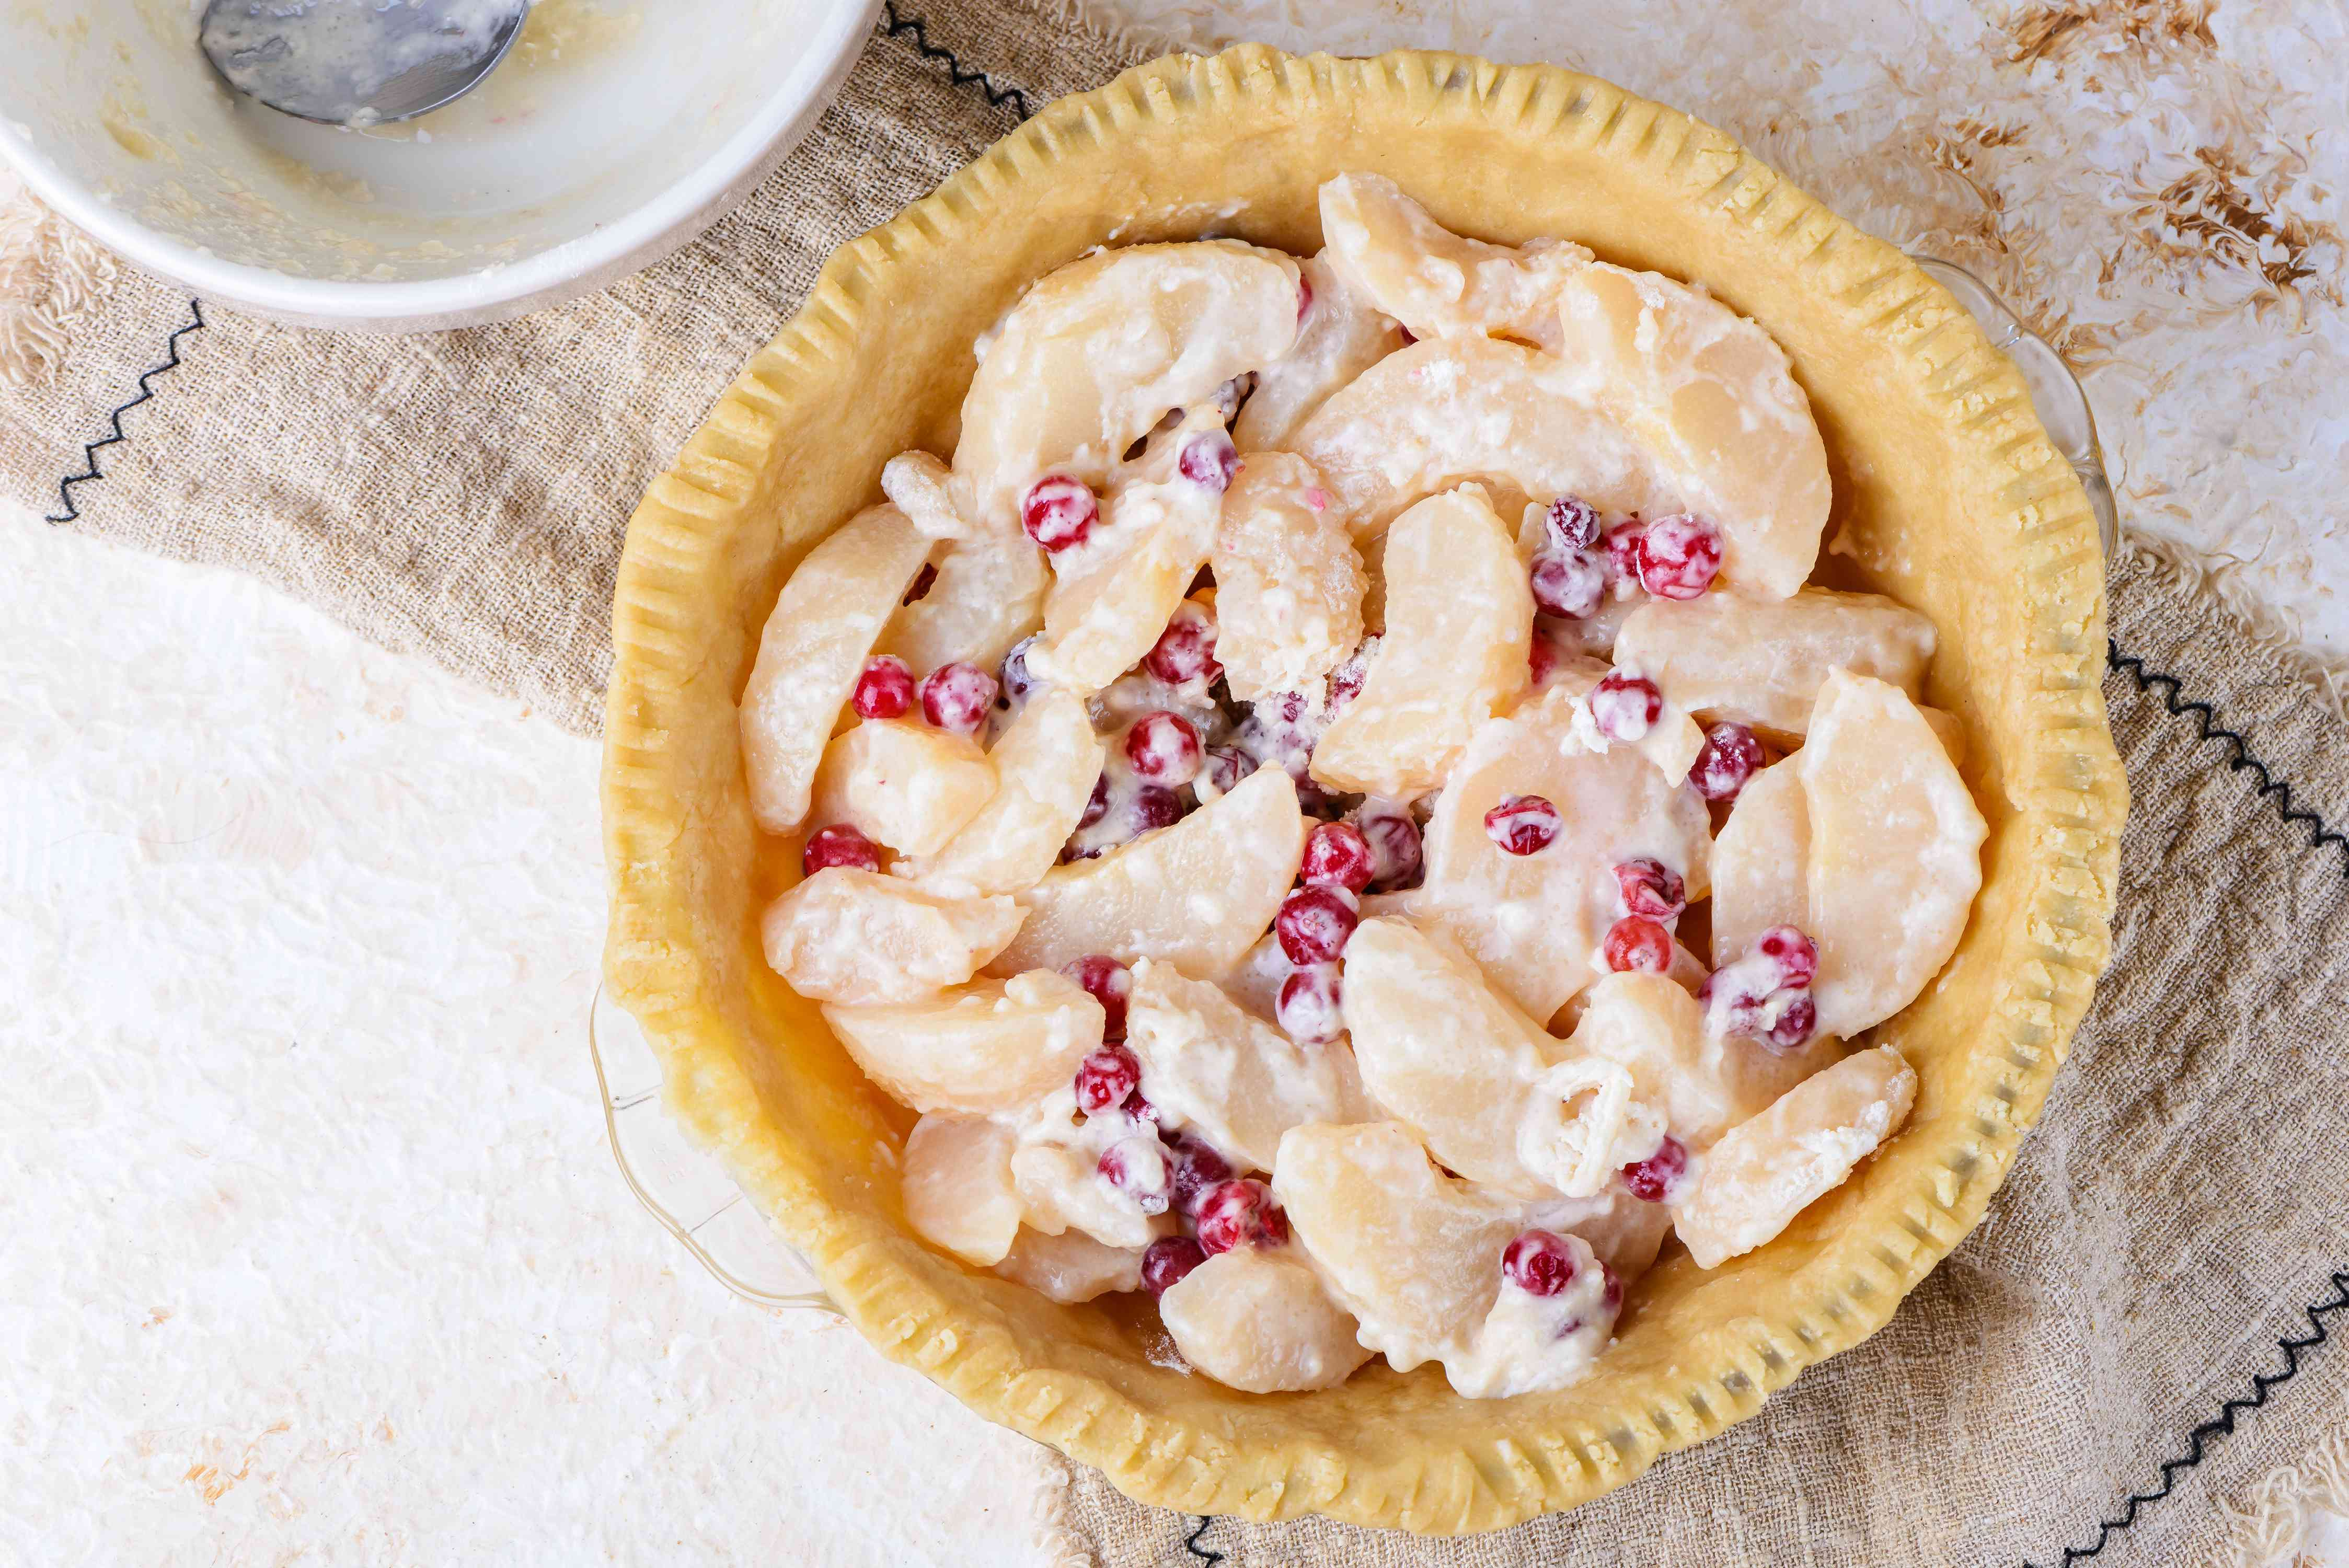 Filling in pie crust